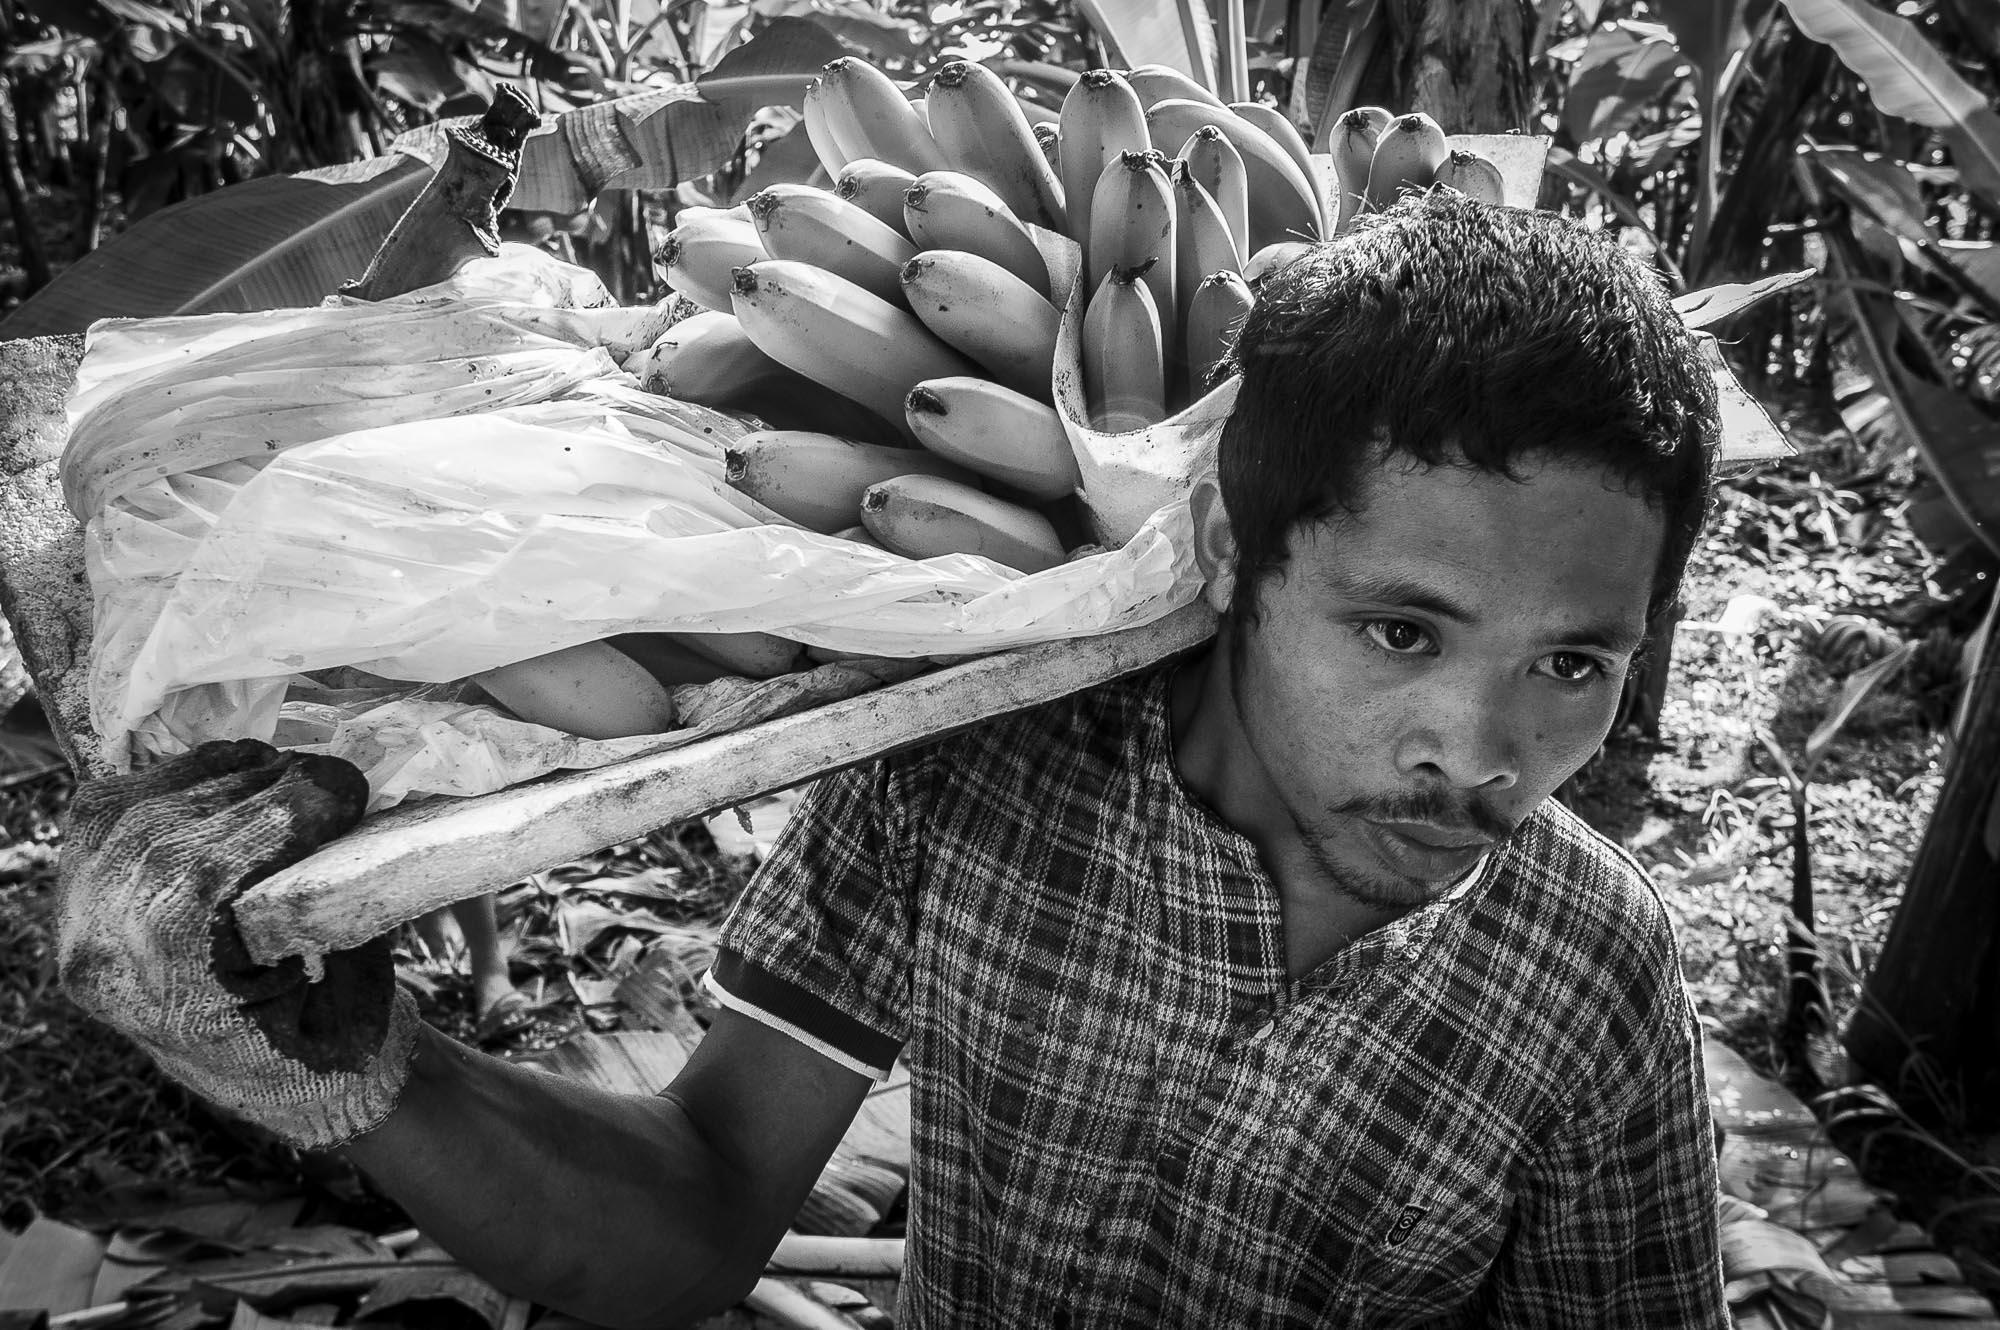 Fotojournalistiek, documentaire foto's en reportagefoto's: een hiërarchie op 4 niveau's